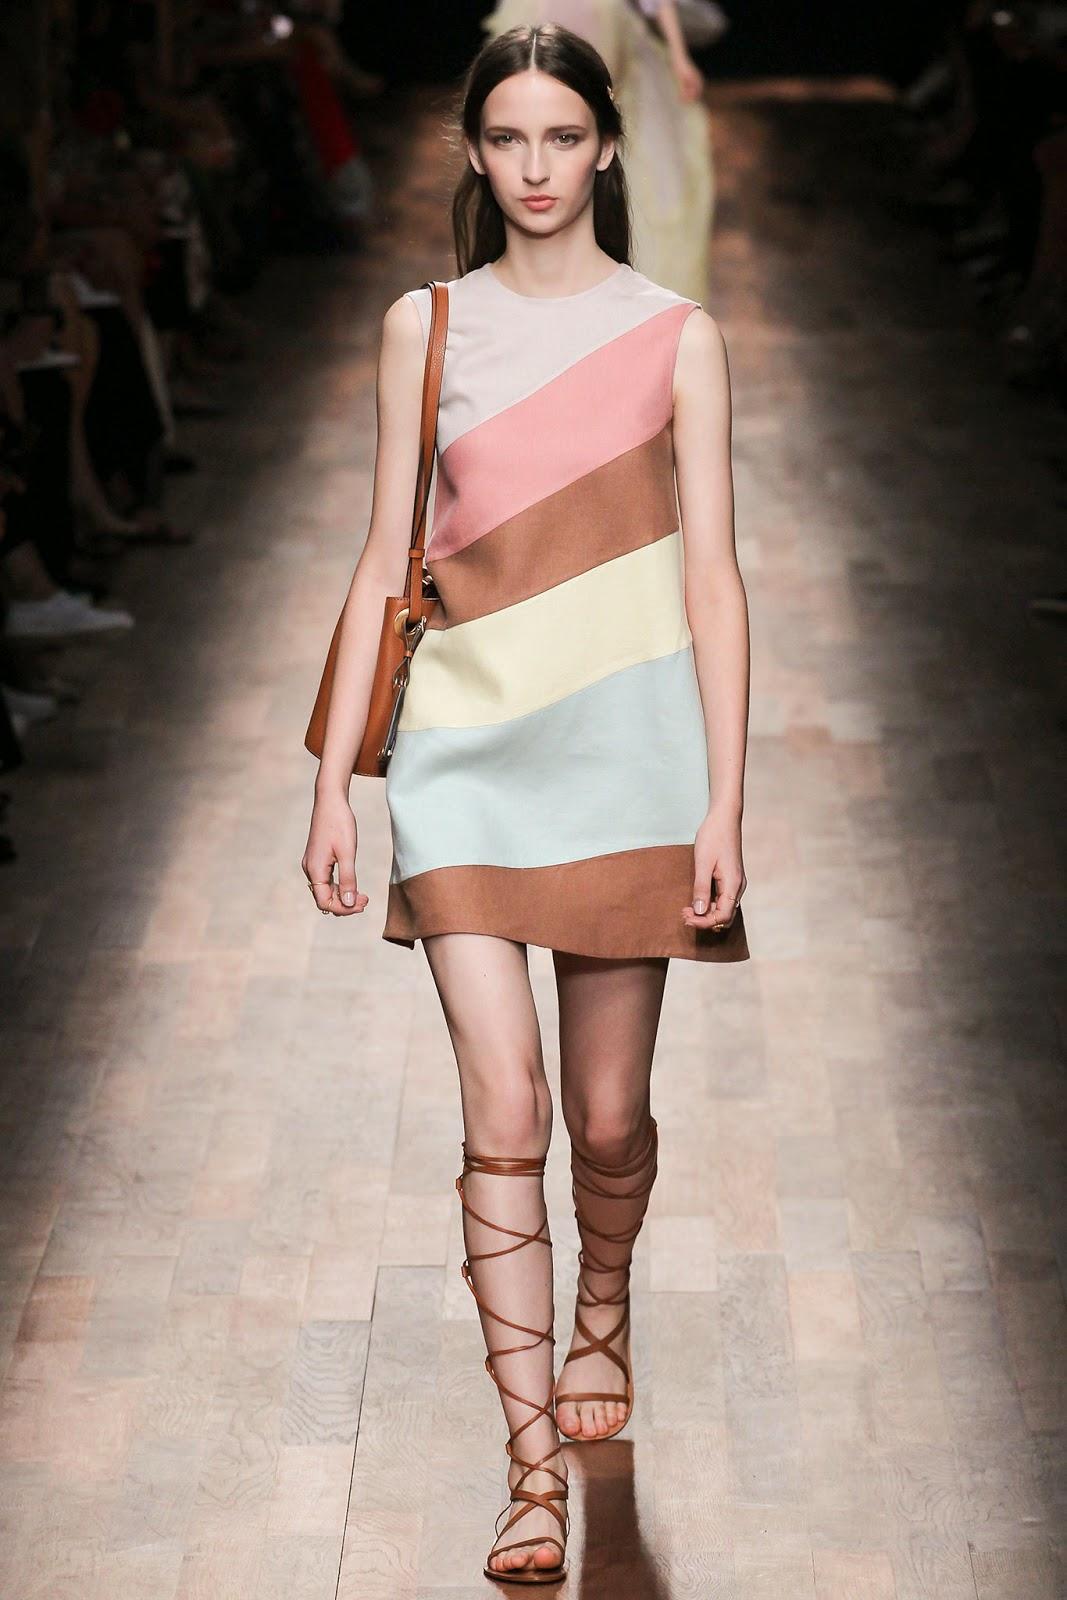 valentino 2015 summer 2016 trend women dress42 Valentino 2015 samling, våren sommaren 2016 Valentino klänning modeller, Valentino kväll klänning nya säsongen kvinnors kjolar modeller